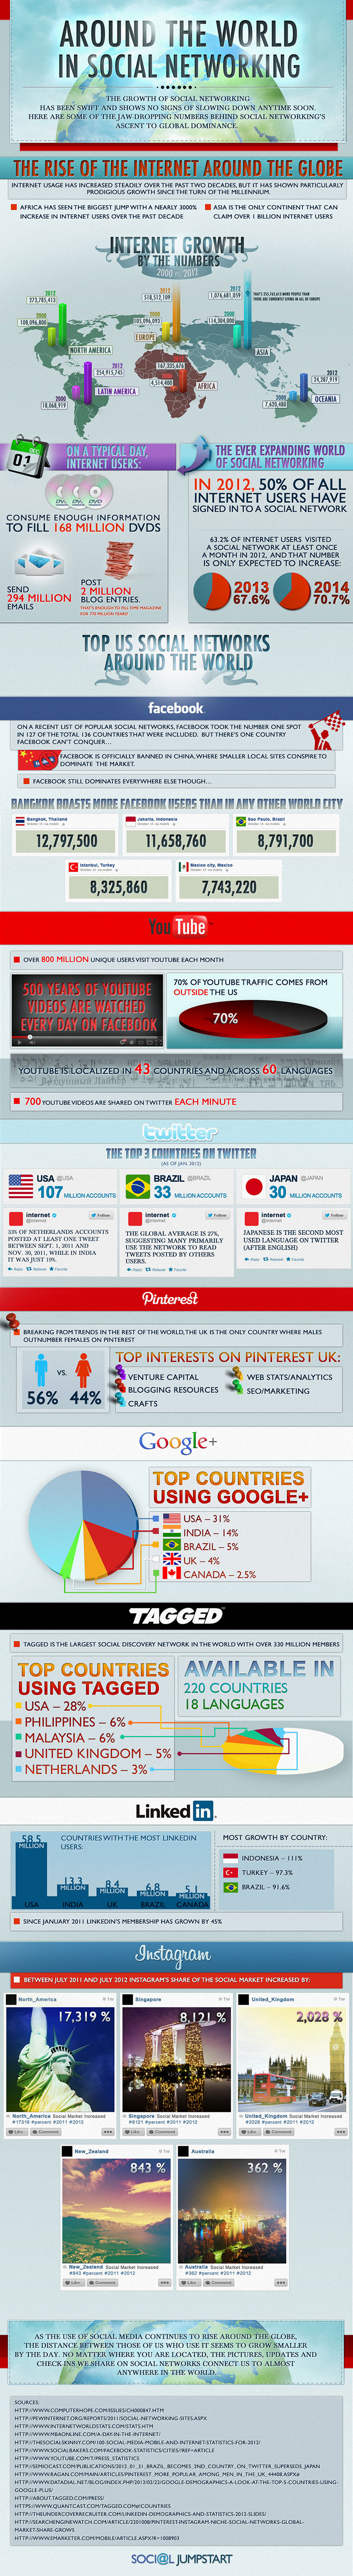 21_global_socialmedia